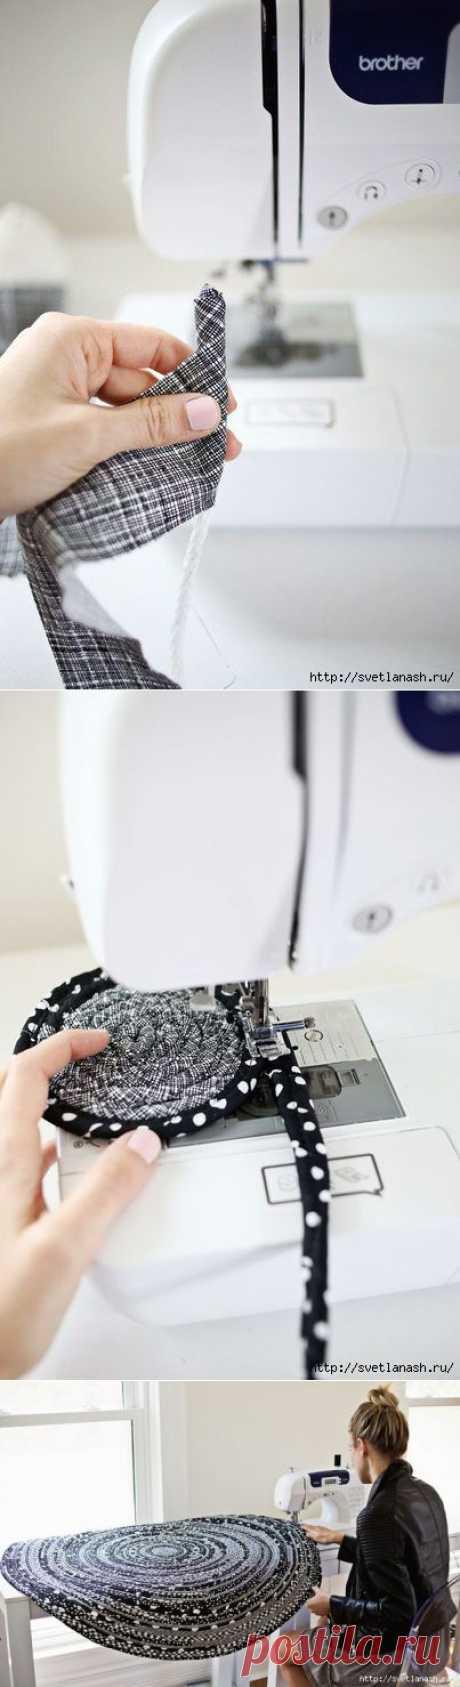 El tapiz pequeño verevochnyy por las manos. MK.